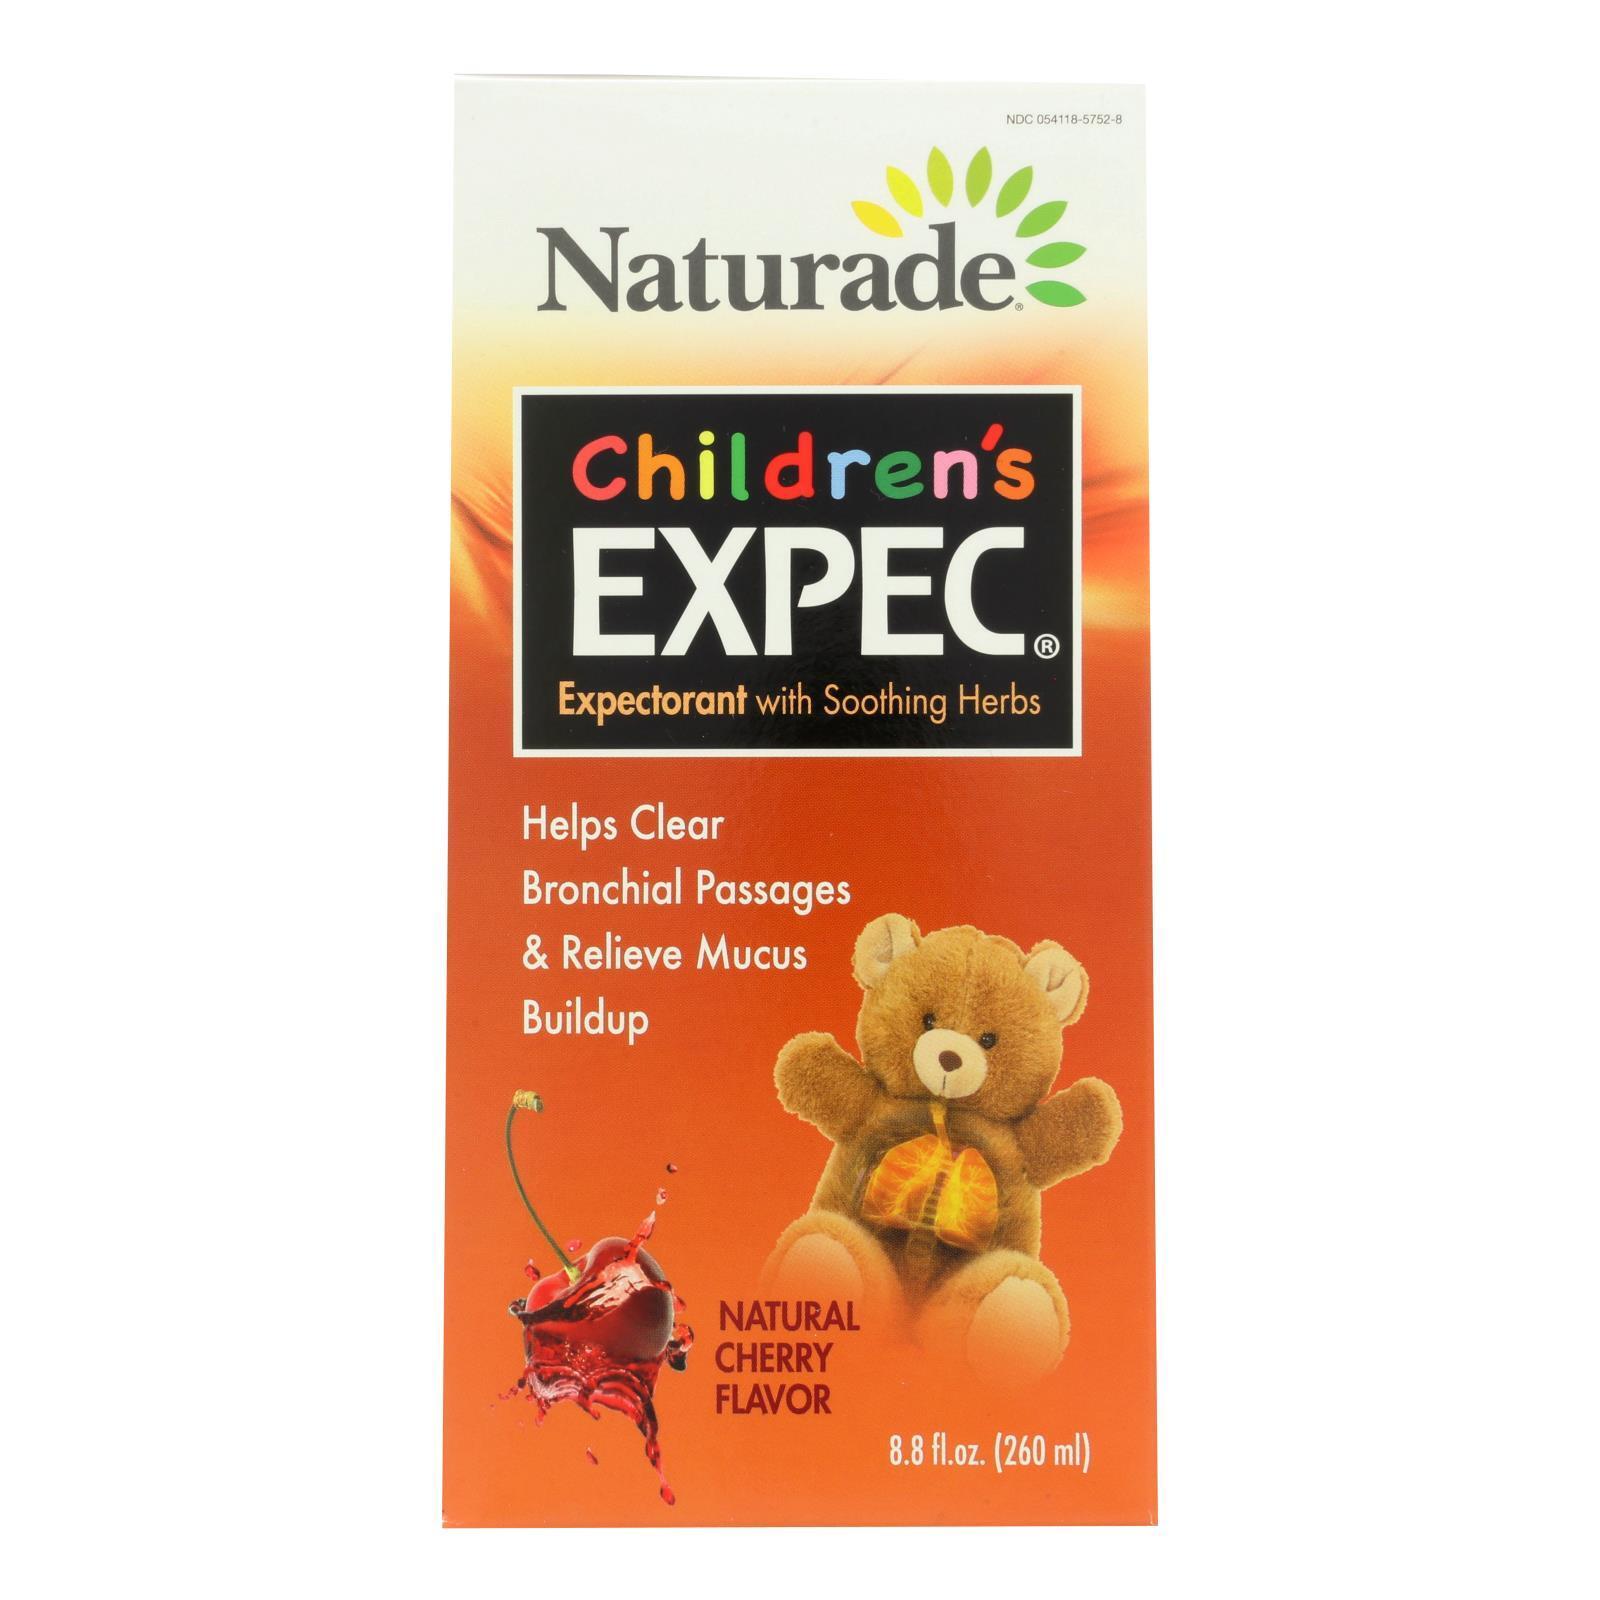 Naturade Children's Expec Herbal Expectorant Cherry - 9 fl oz